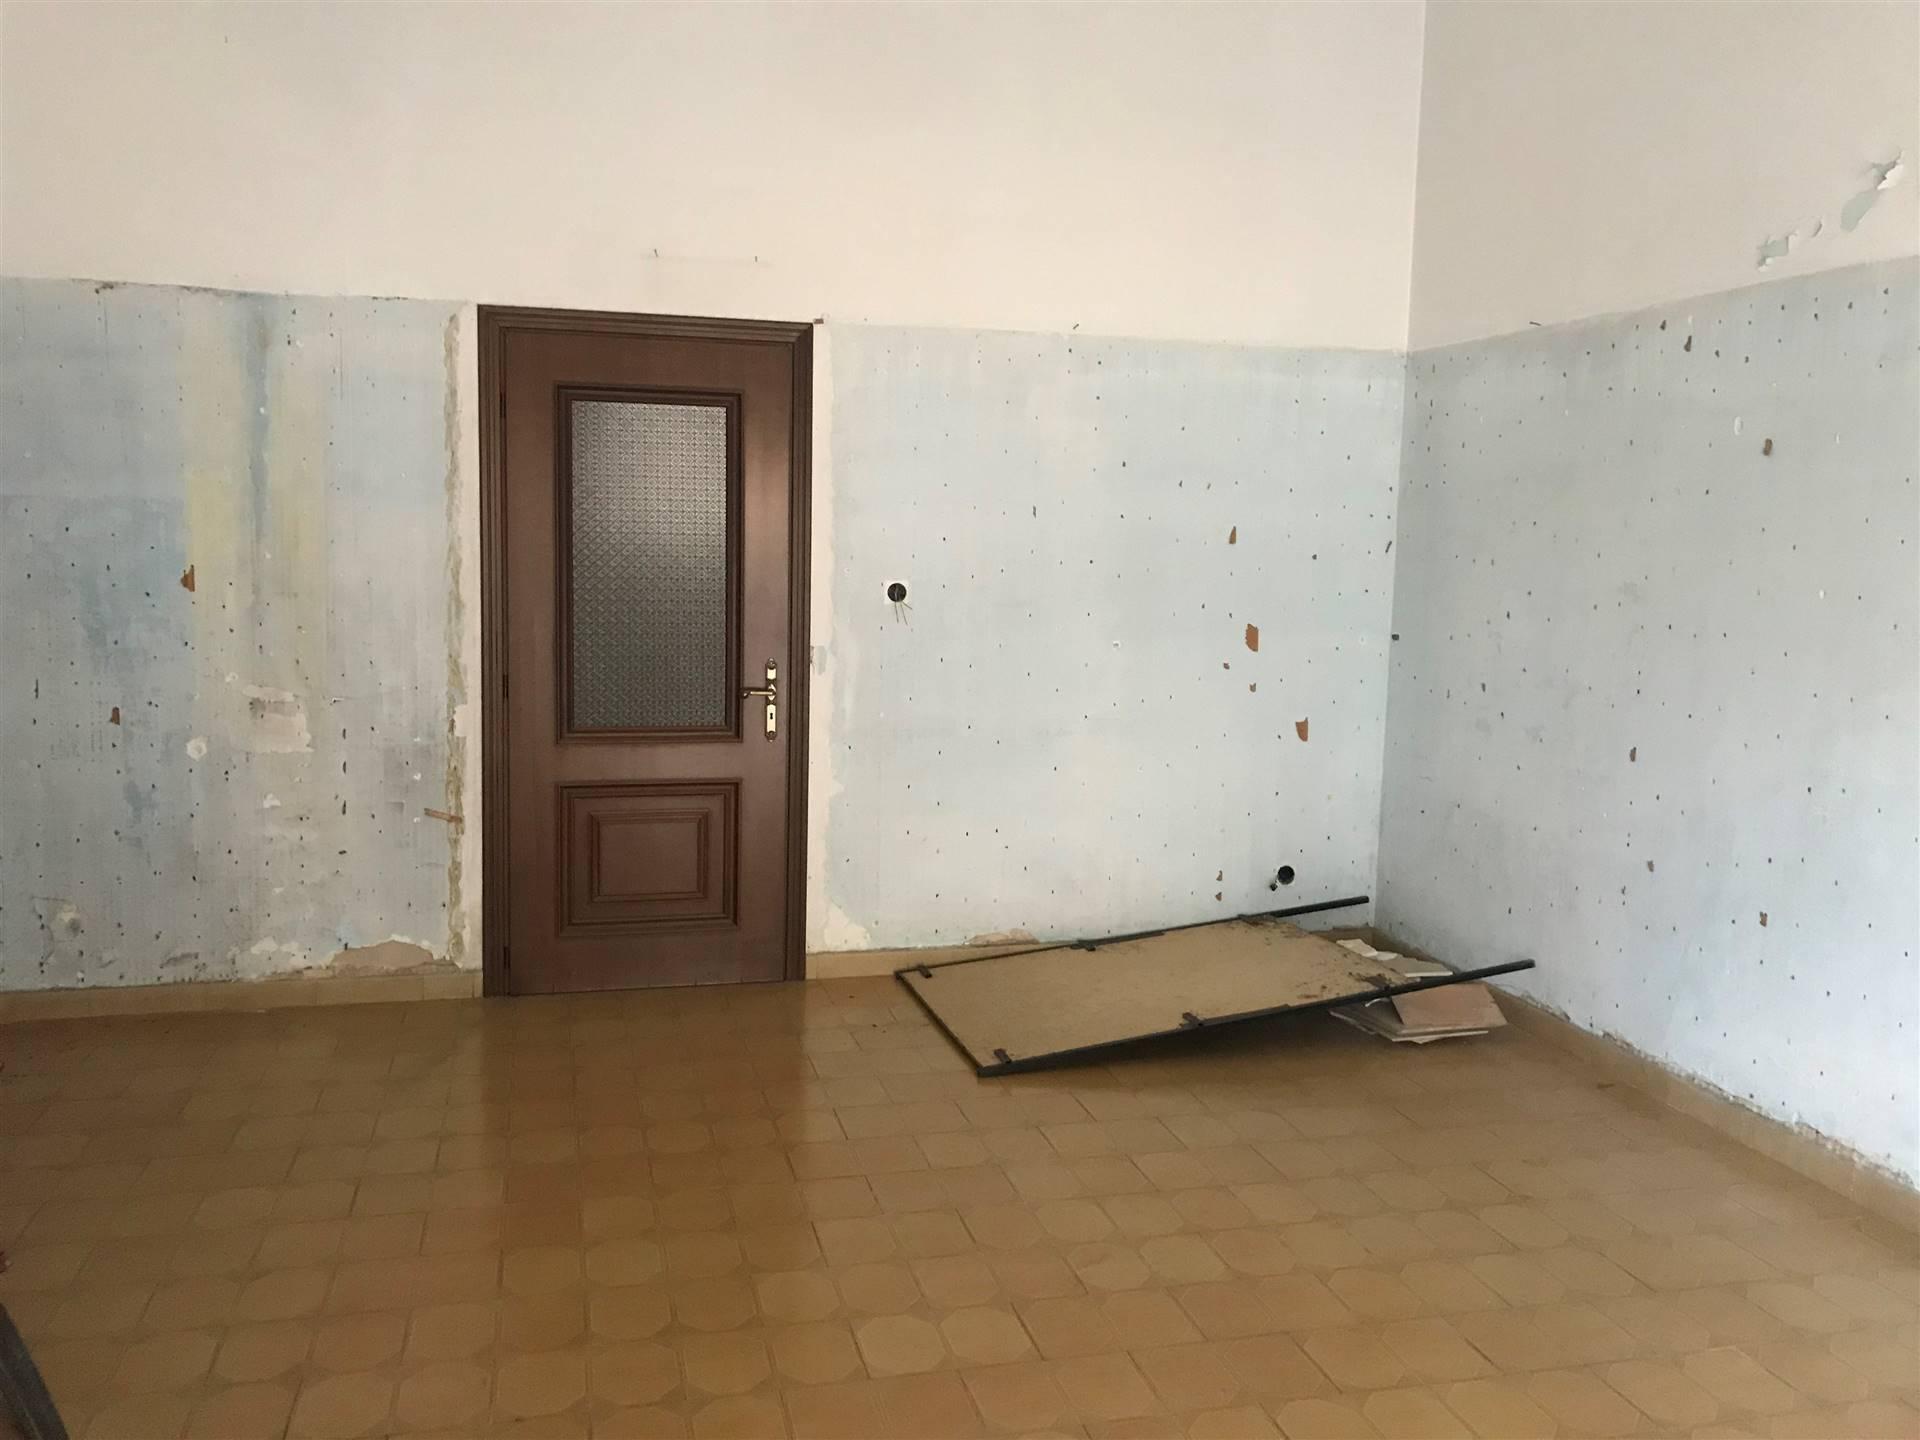 Appartamento in vendita a Ceglie Messapica, 3 locali, prezzo € 48.000 | CambioCasa.it